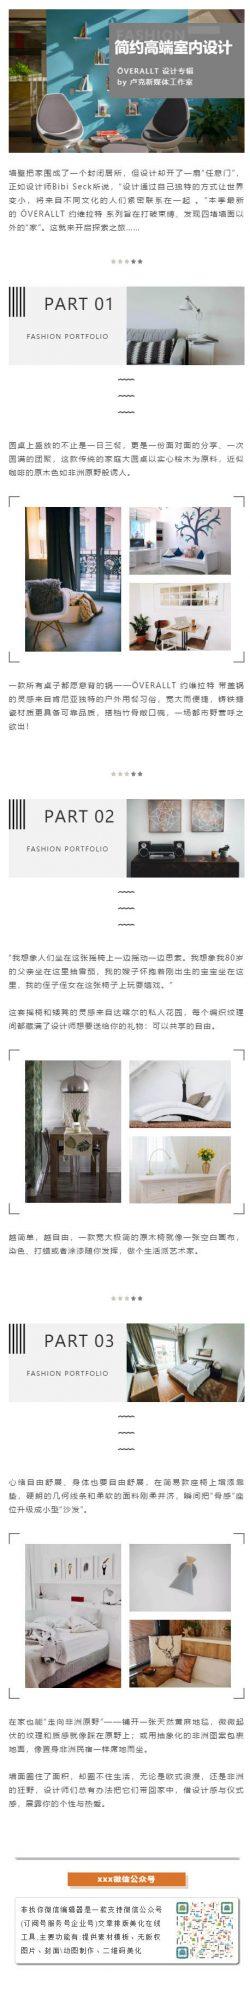 简约高端室内设计灰黑色风格模板微信公众号家居家推送素材推文